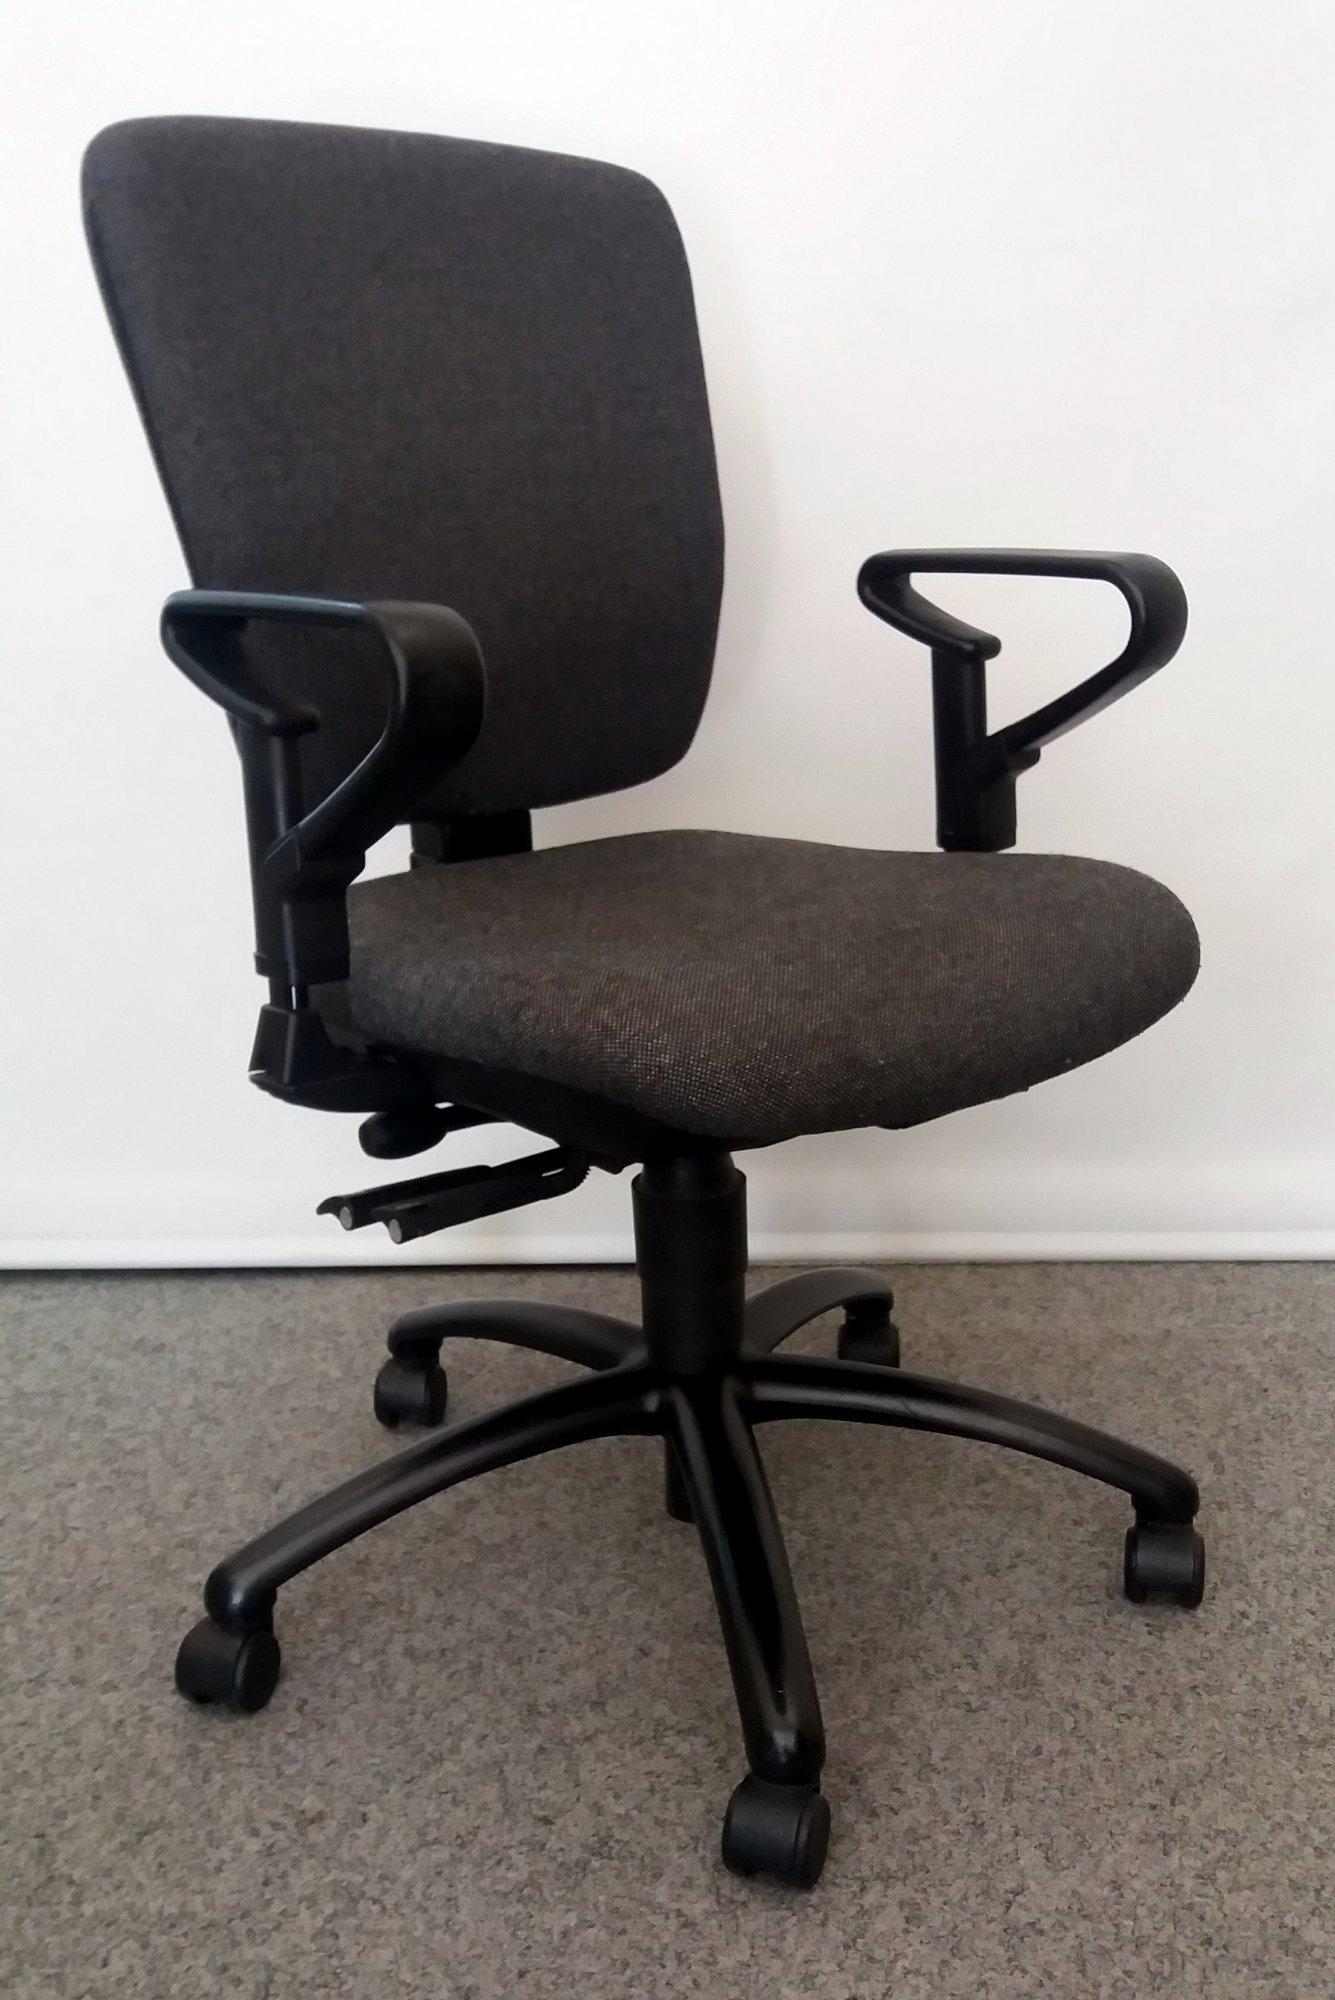 anthrazit farbiger b rodrehstuhl von dauphin das zweite b ro b rost hle dauphin. Black Bedroom Furniture Sets. Home Design Ideas